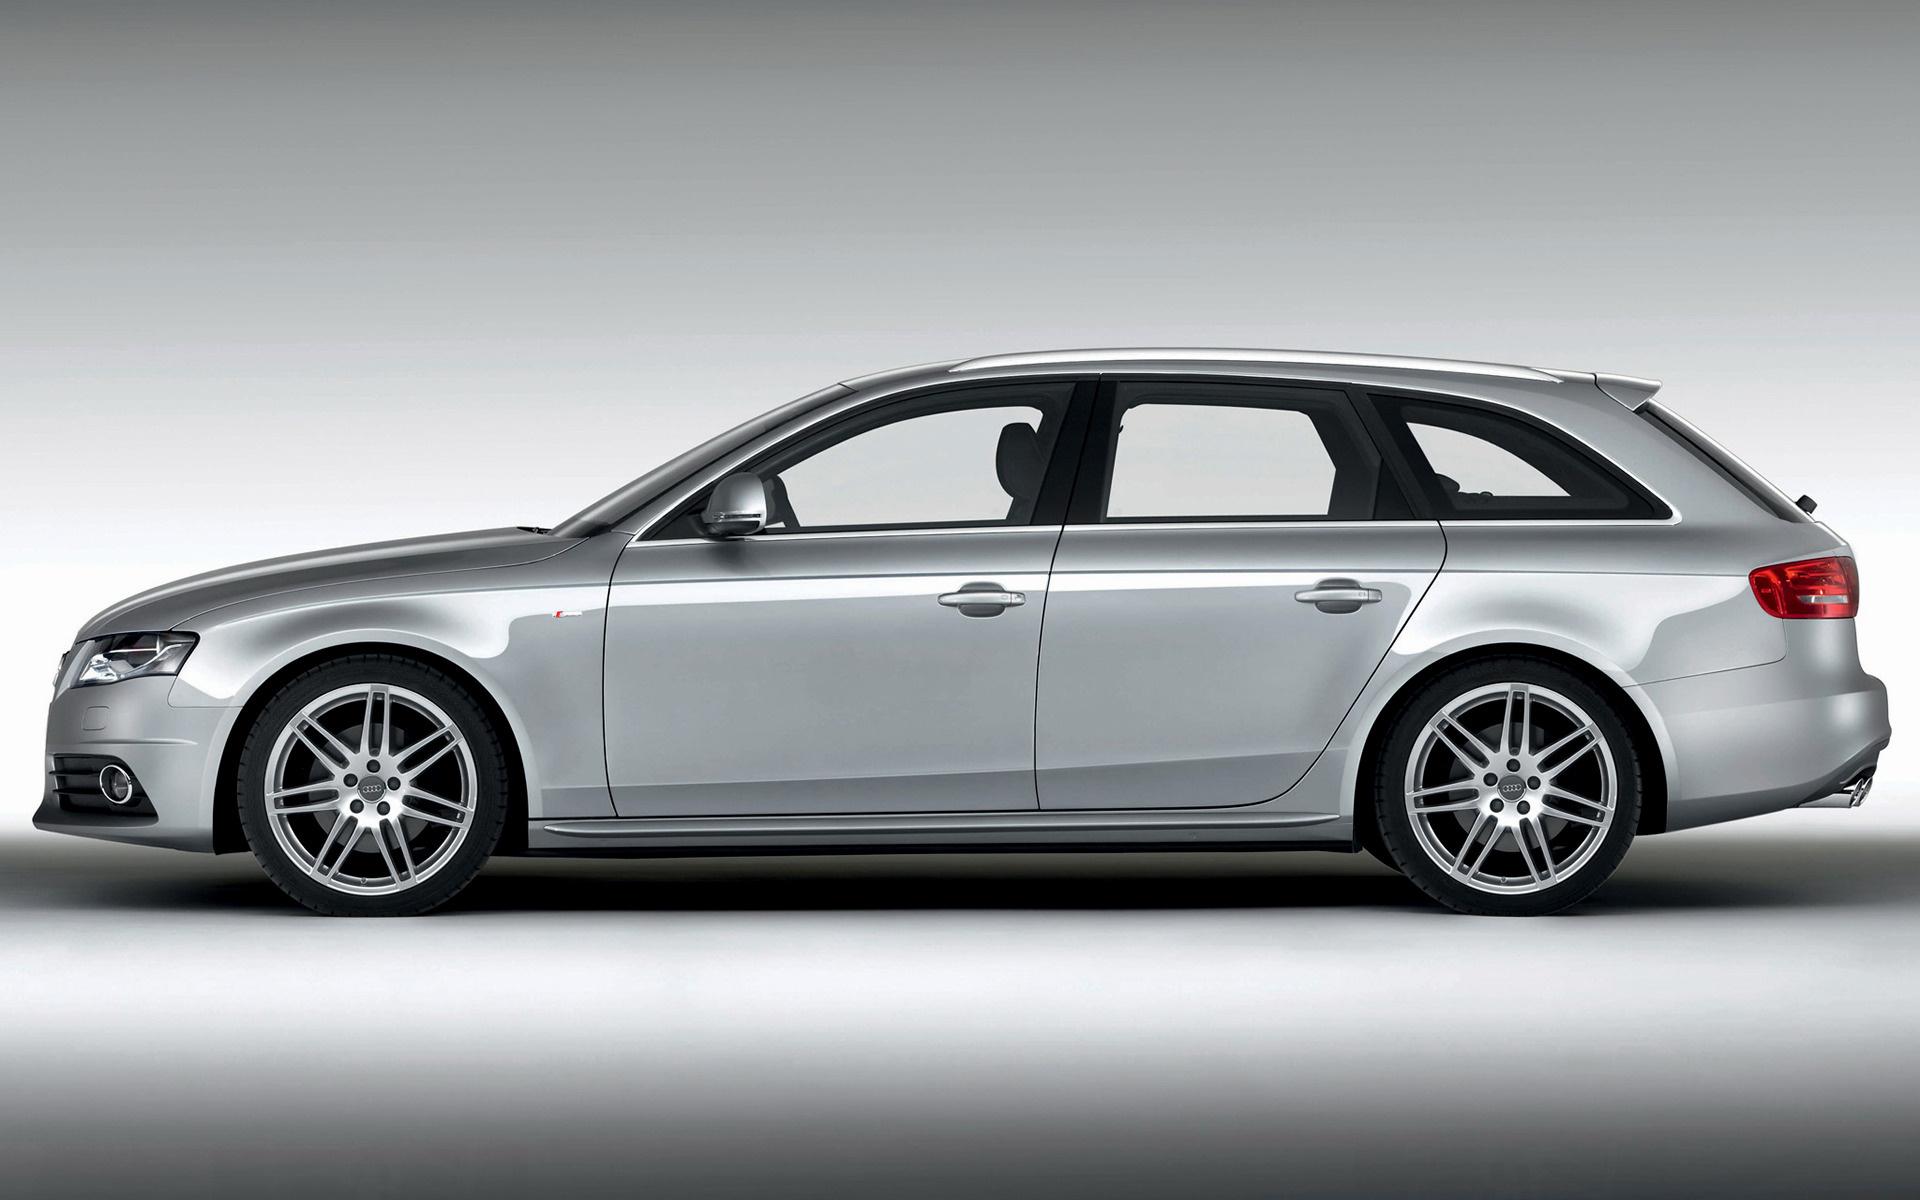 Kekurangan Audi A4 Avant 2008 Top Model Tahun Ini